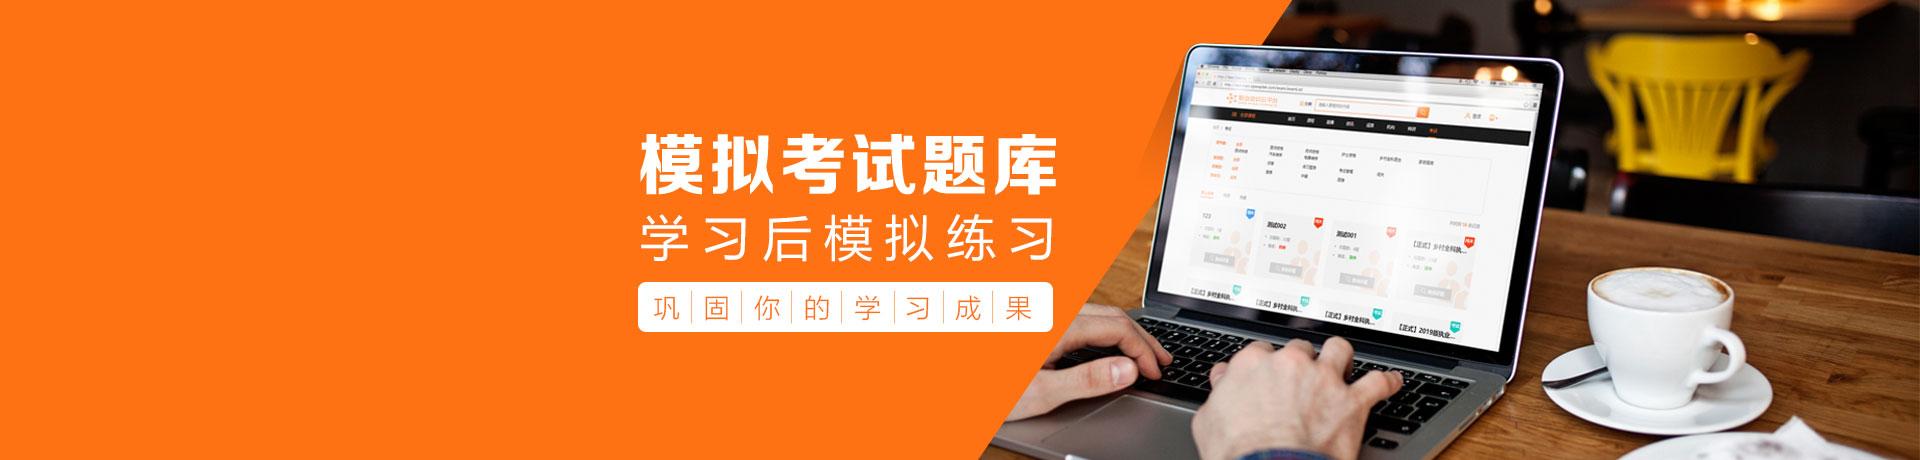 邢台首页banner